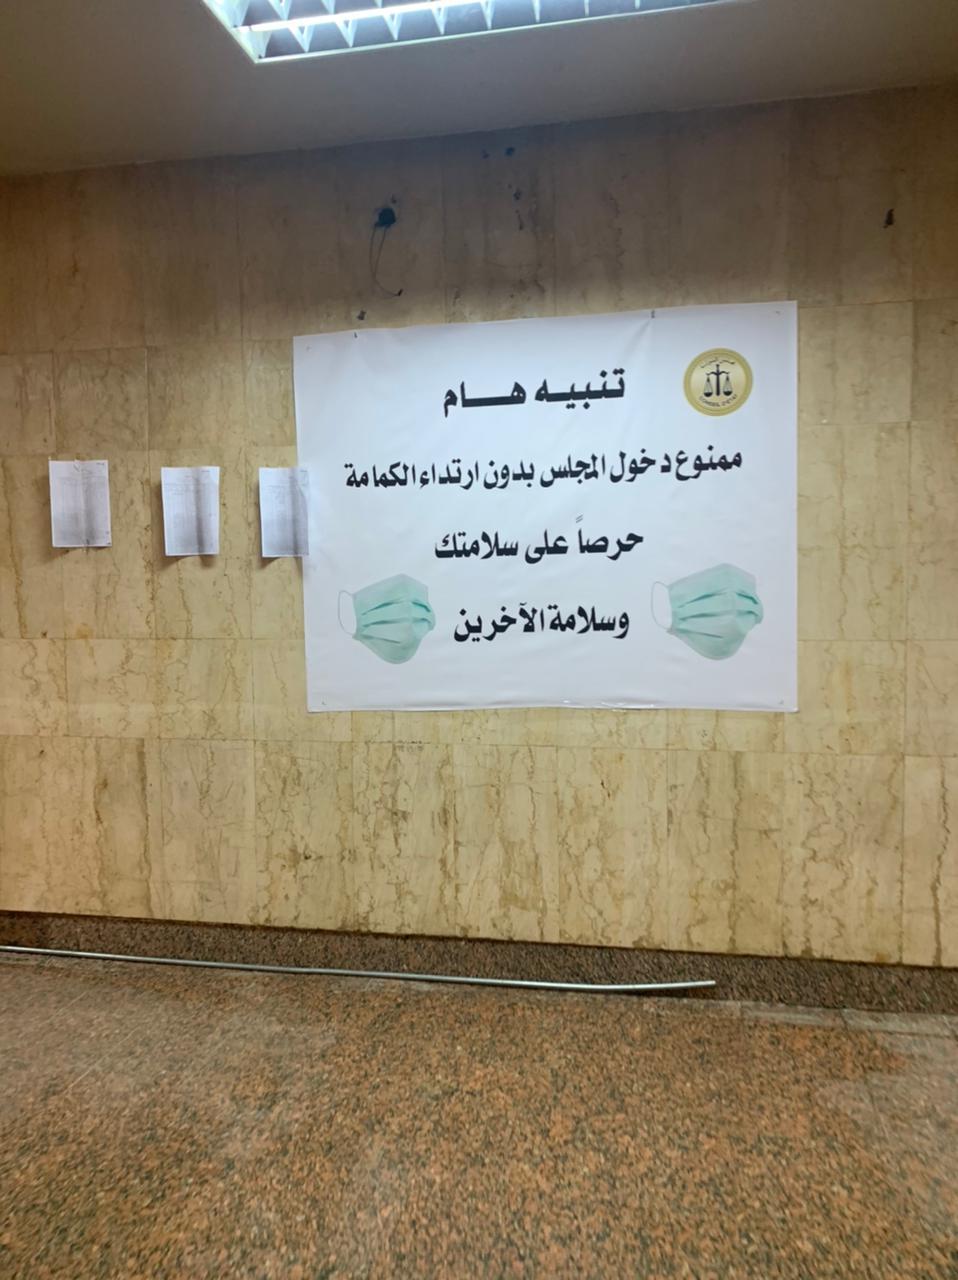 تنبيهات داخل مبنى مجلس الدولة (1)